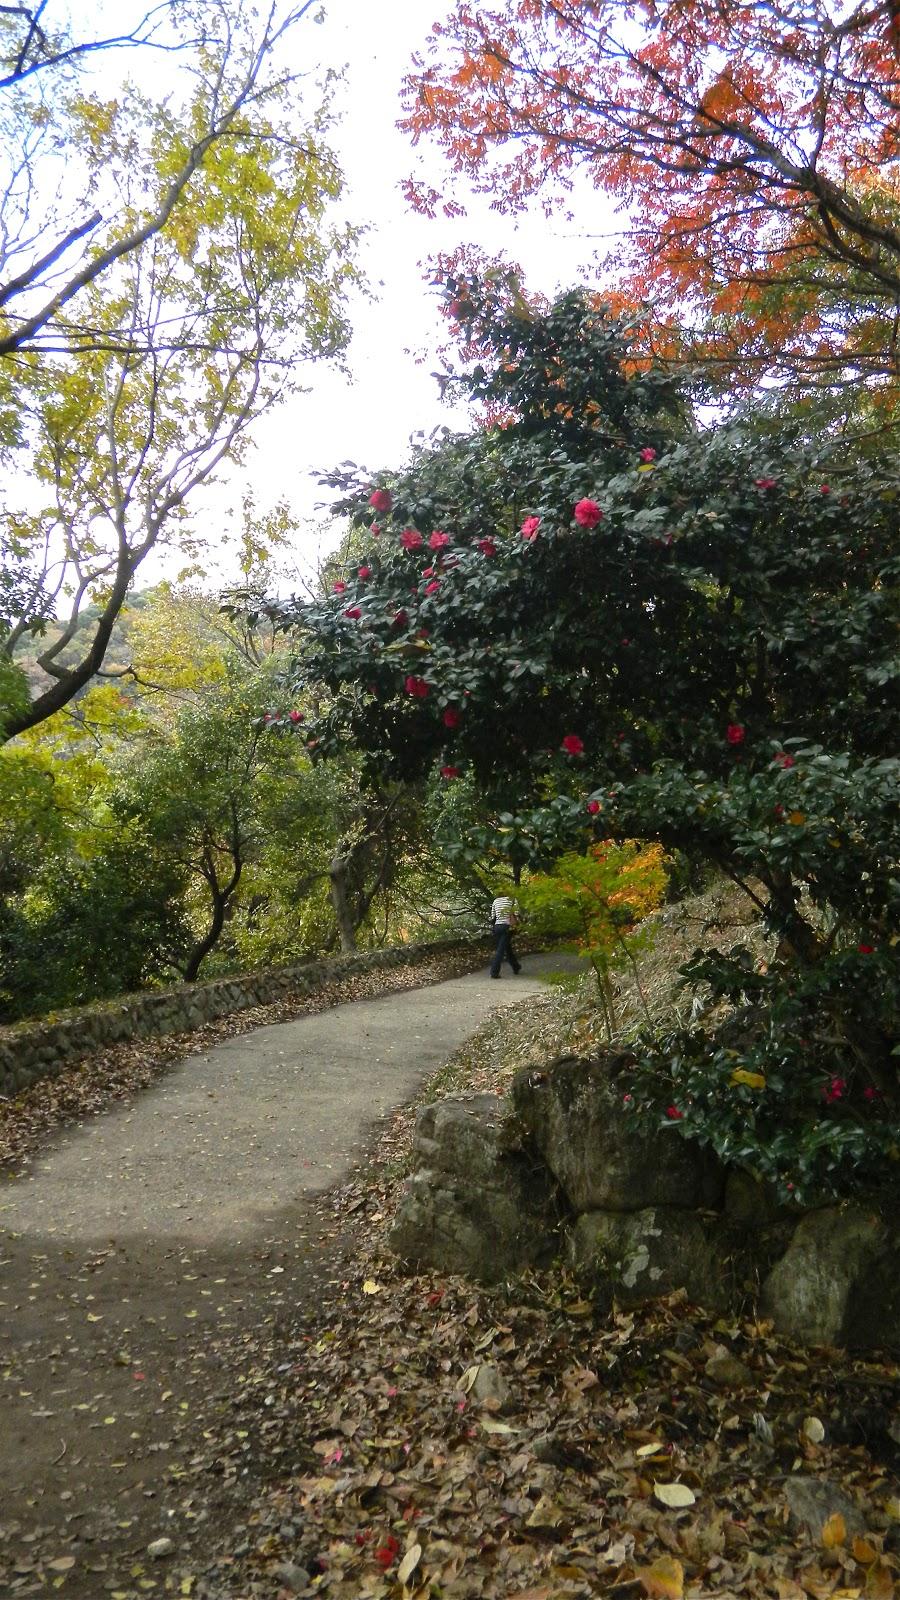 The Traveling Gardener January 2013